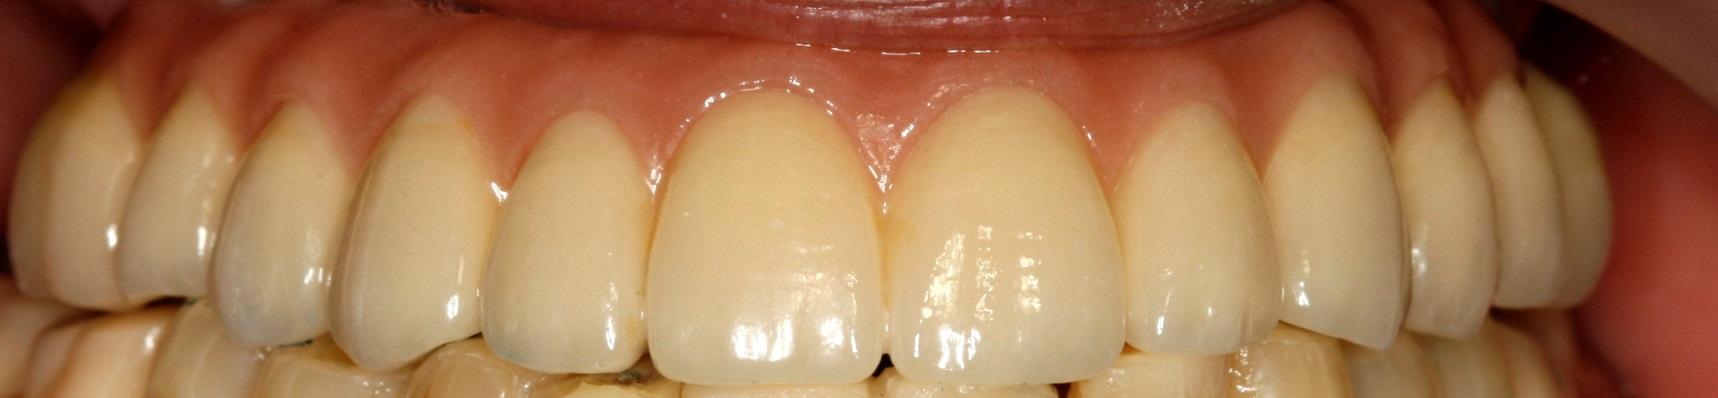 Rehabilitación 8 implantes1